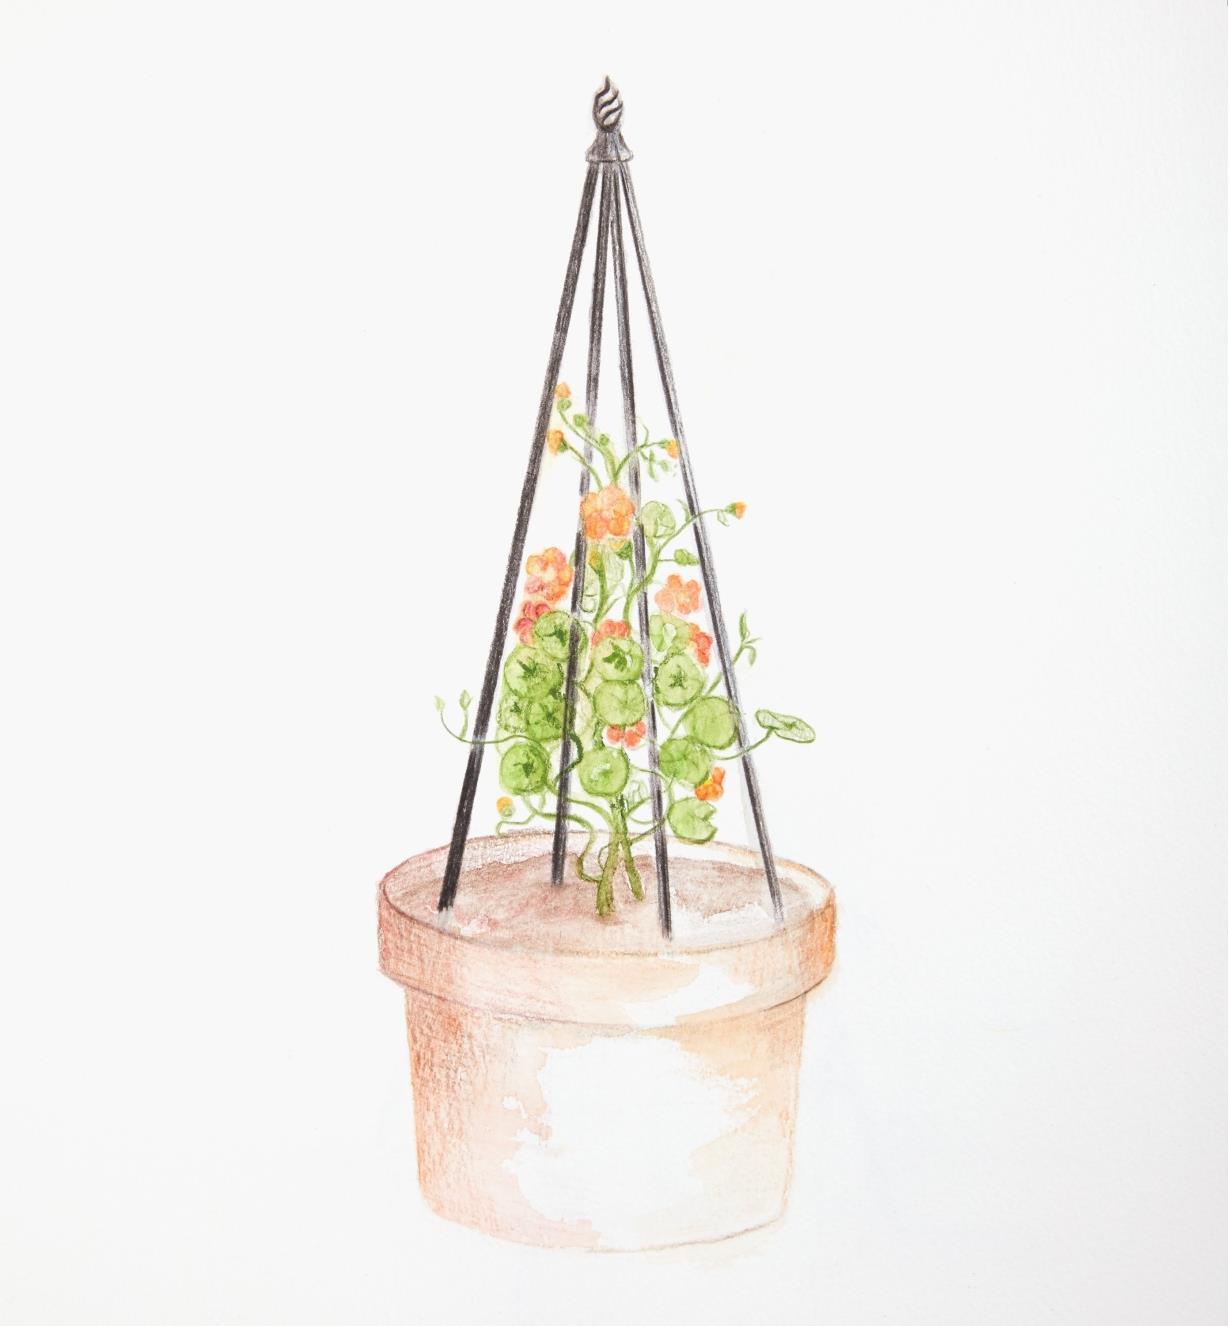 Illustration montrant le tuteur pyramidal supportant une plante grimpante dans un grand pot